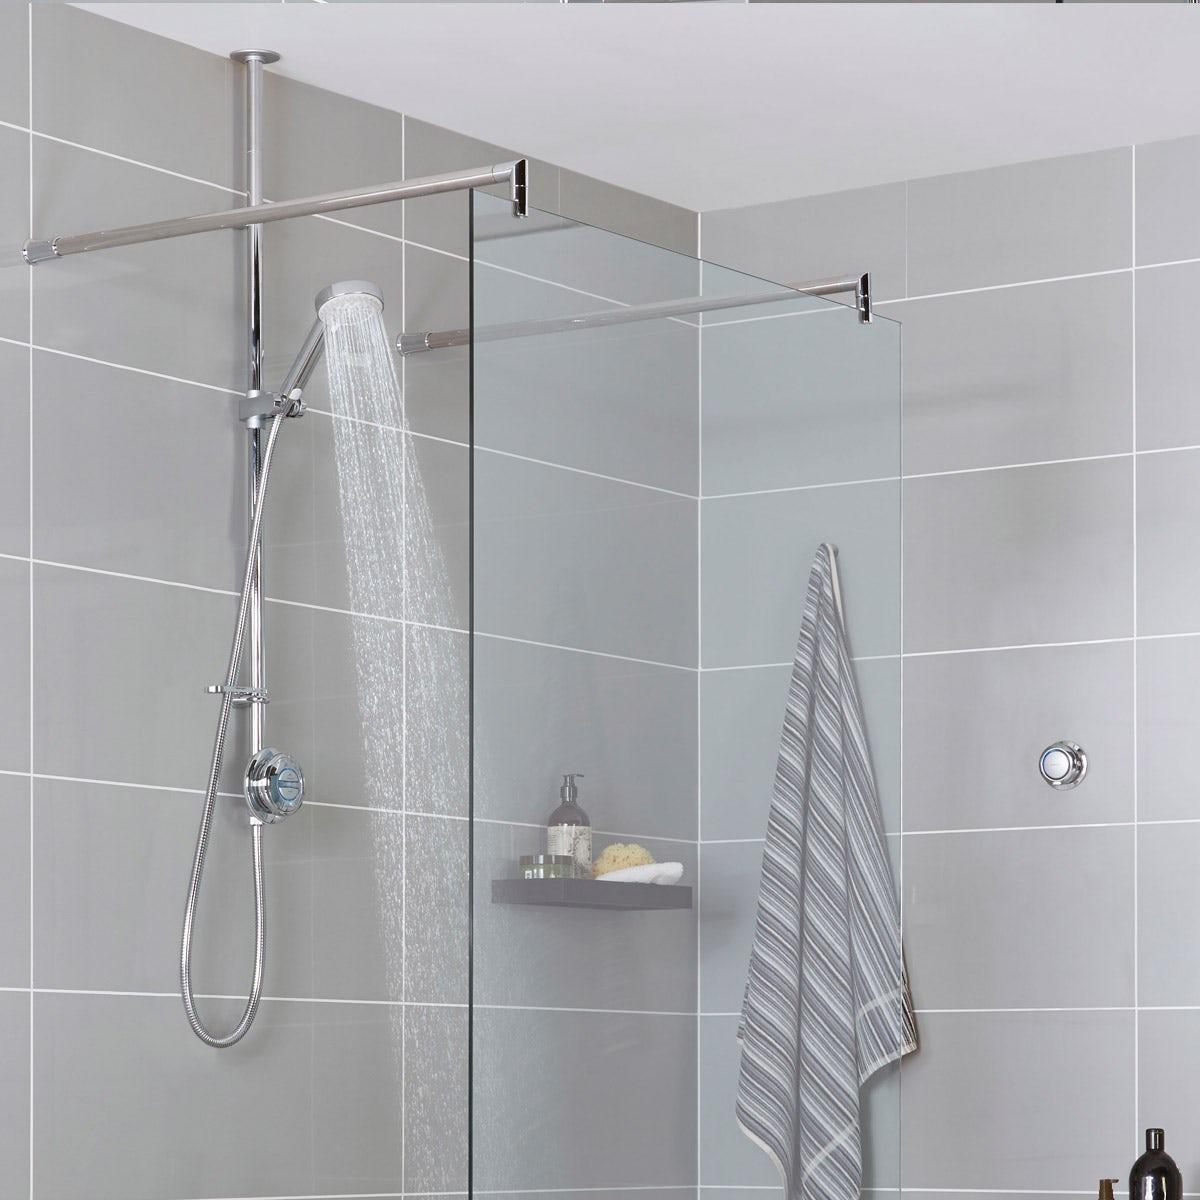 Aqualisa Quartz Exposed Digital Shower Pumped | VictoriaPlum.com